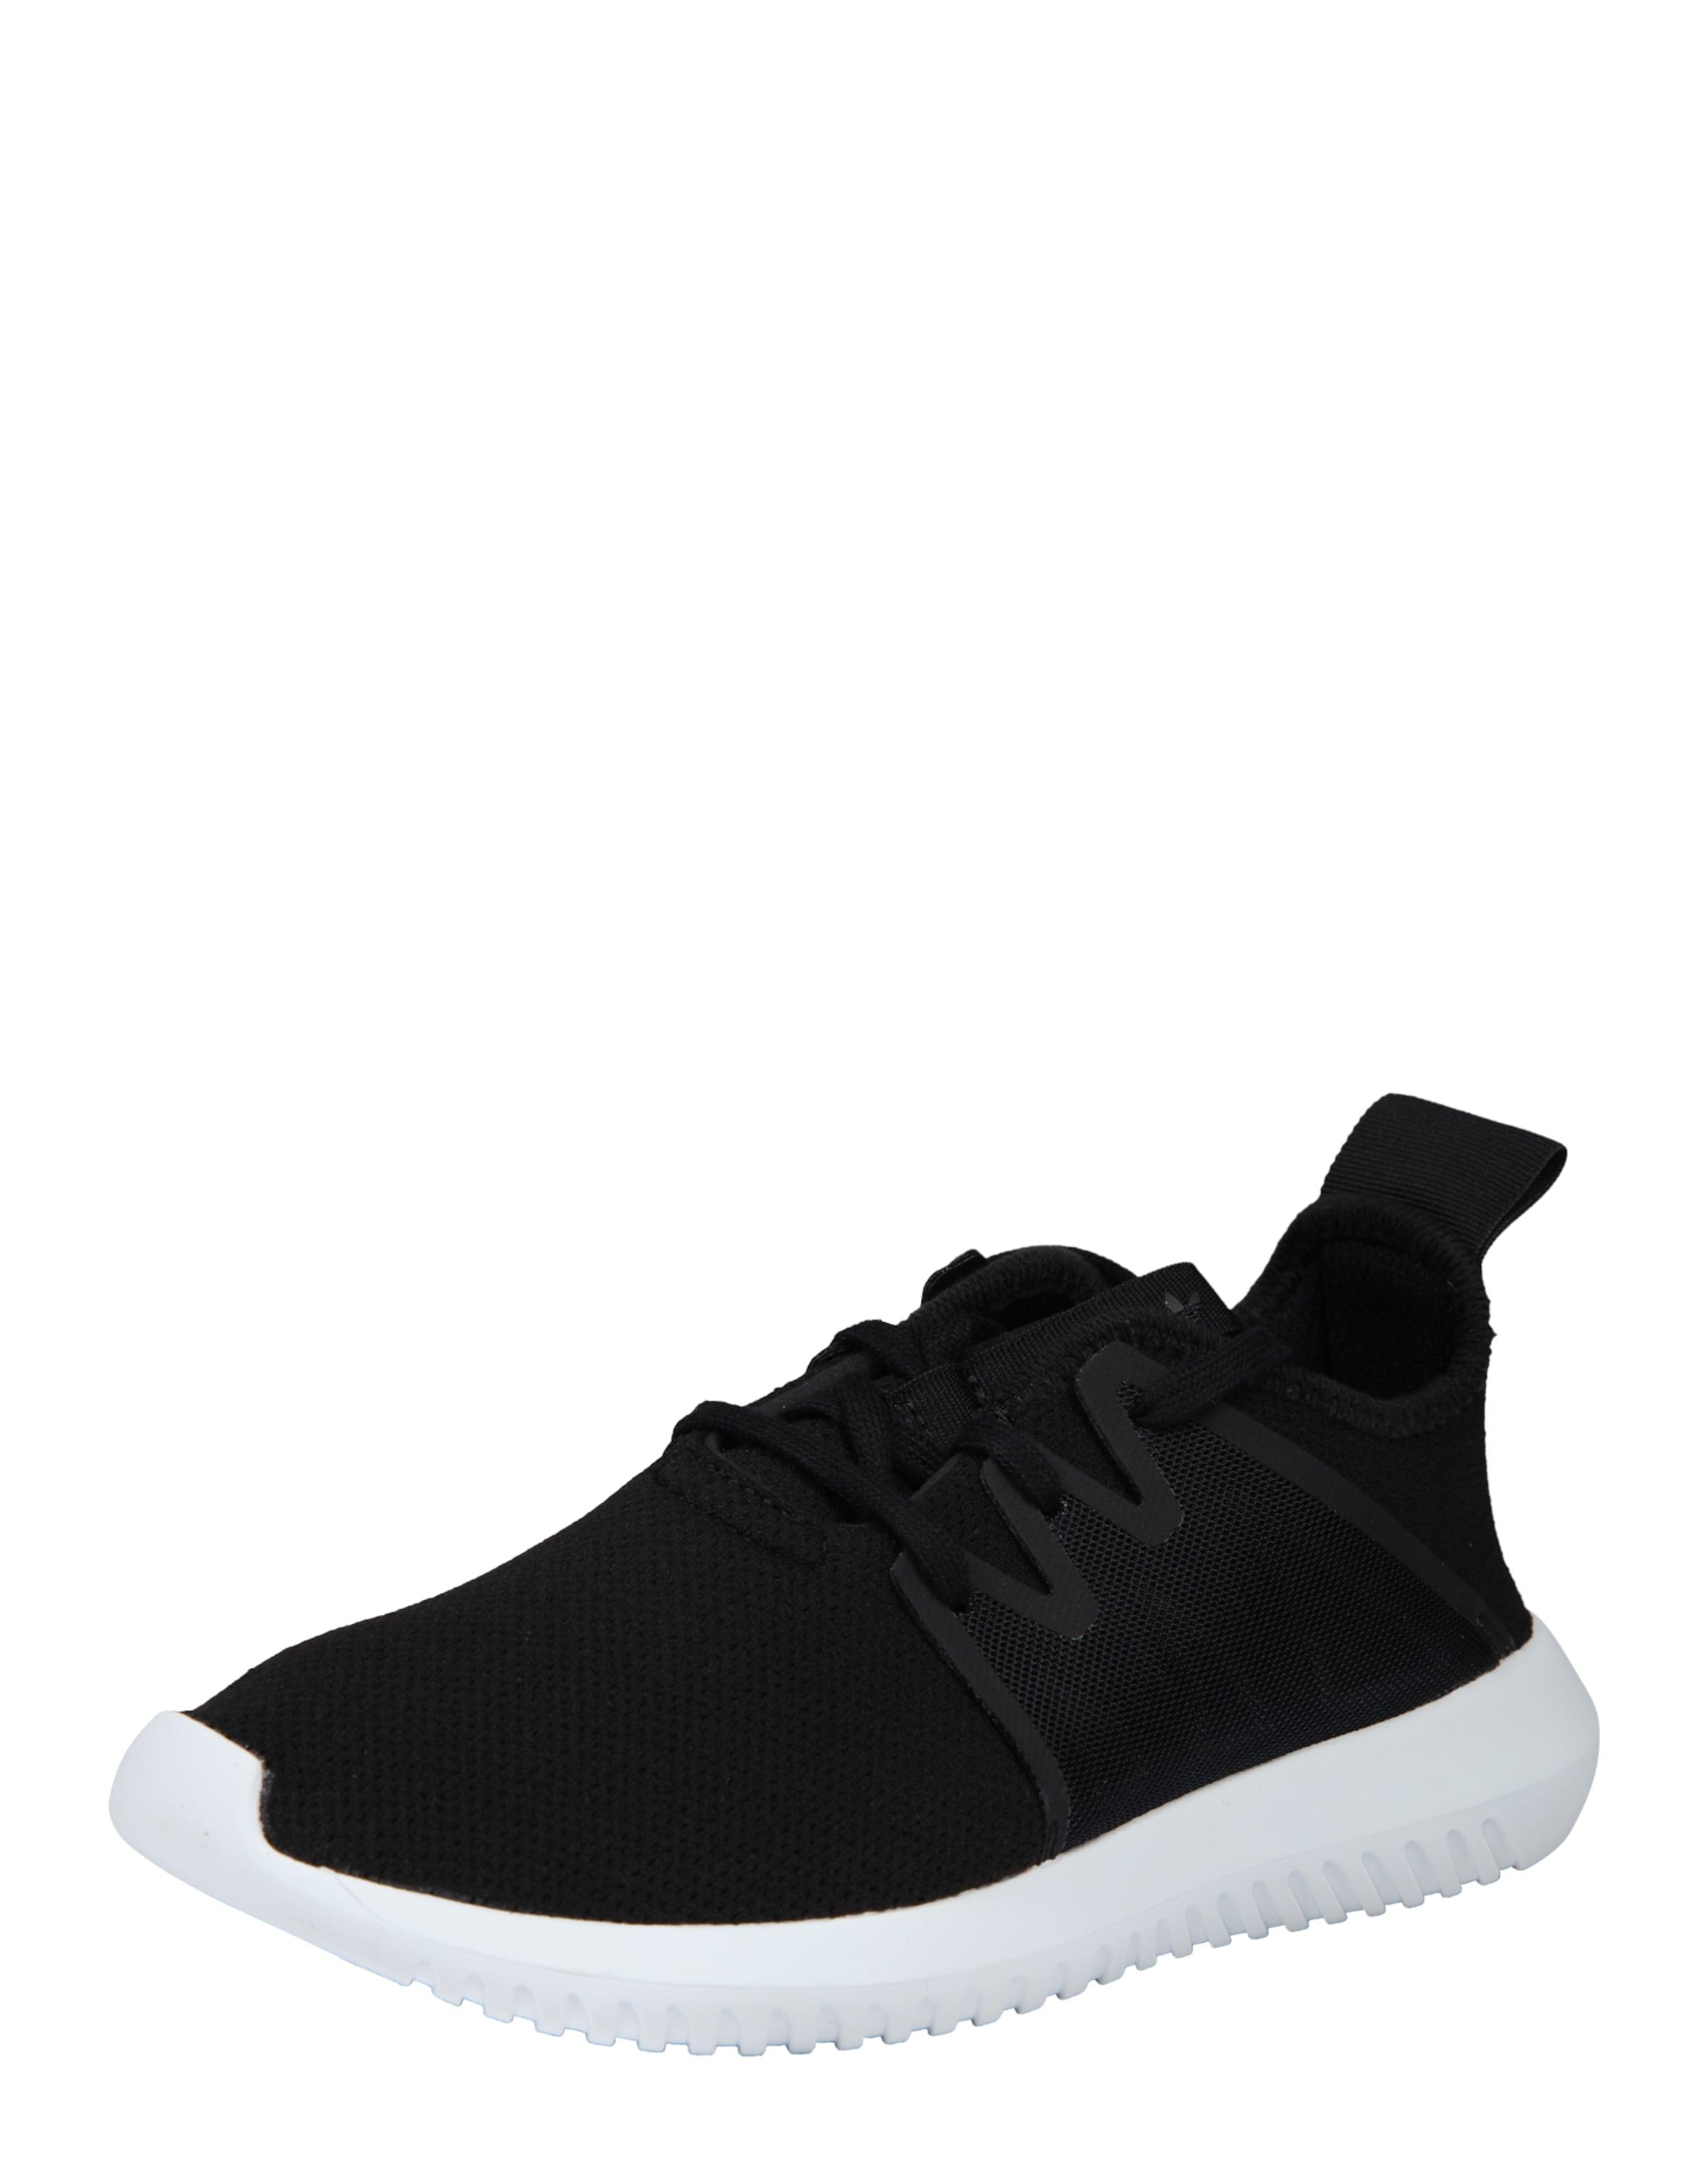 ADIDAS ORIGINALS Sneaker Low 'Tubular viral2' Schnelle Lieferung Günstig Online Billig Verkauf Komfortabel MB1TyVTe